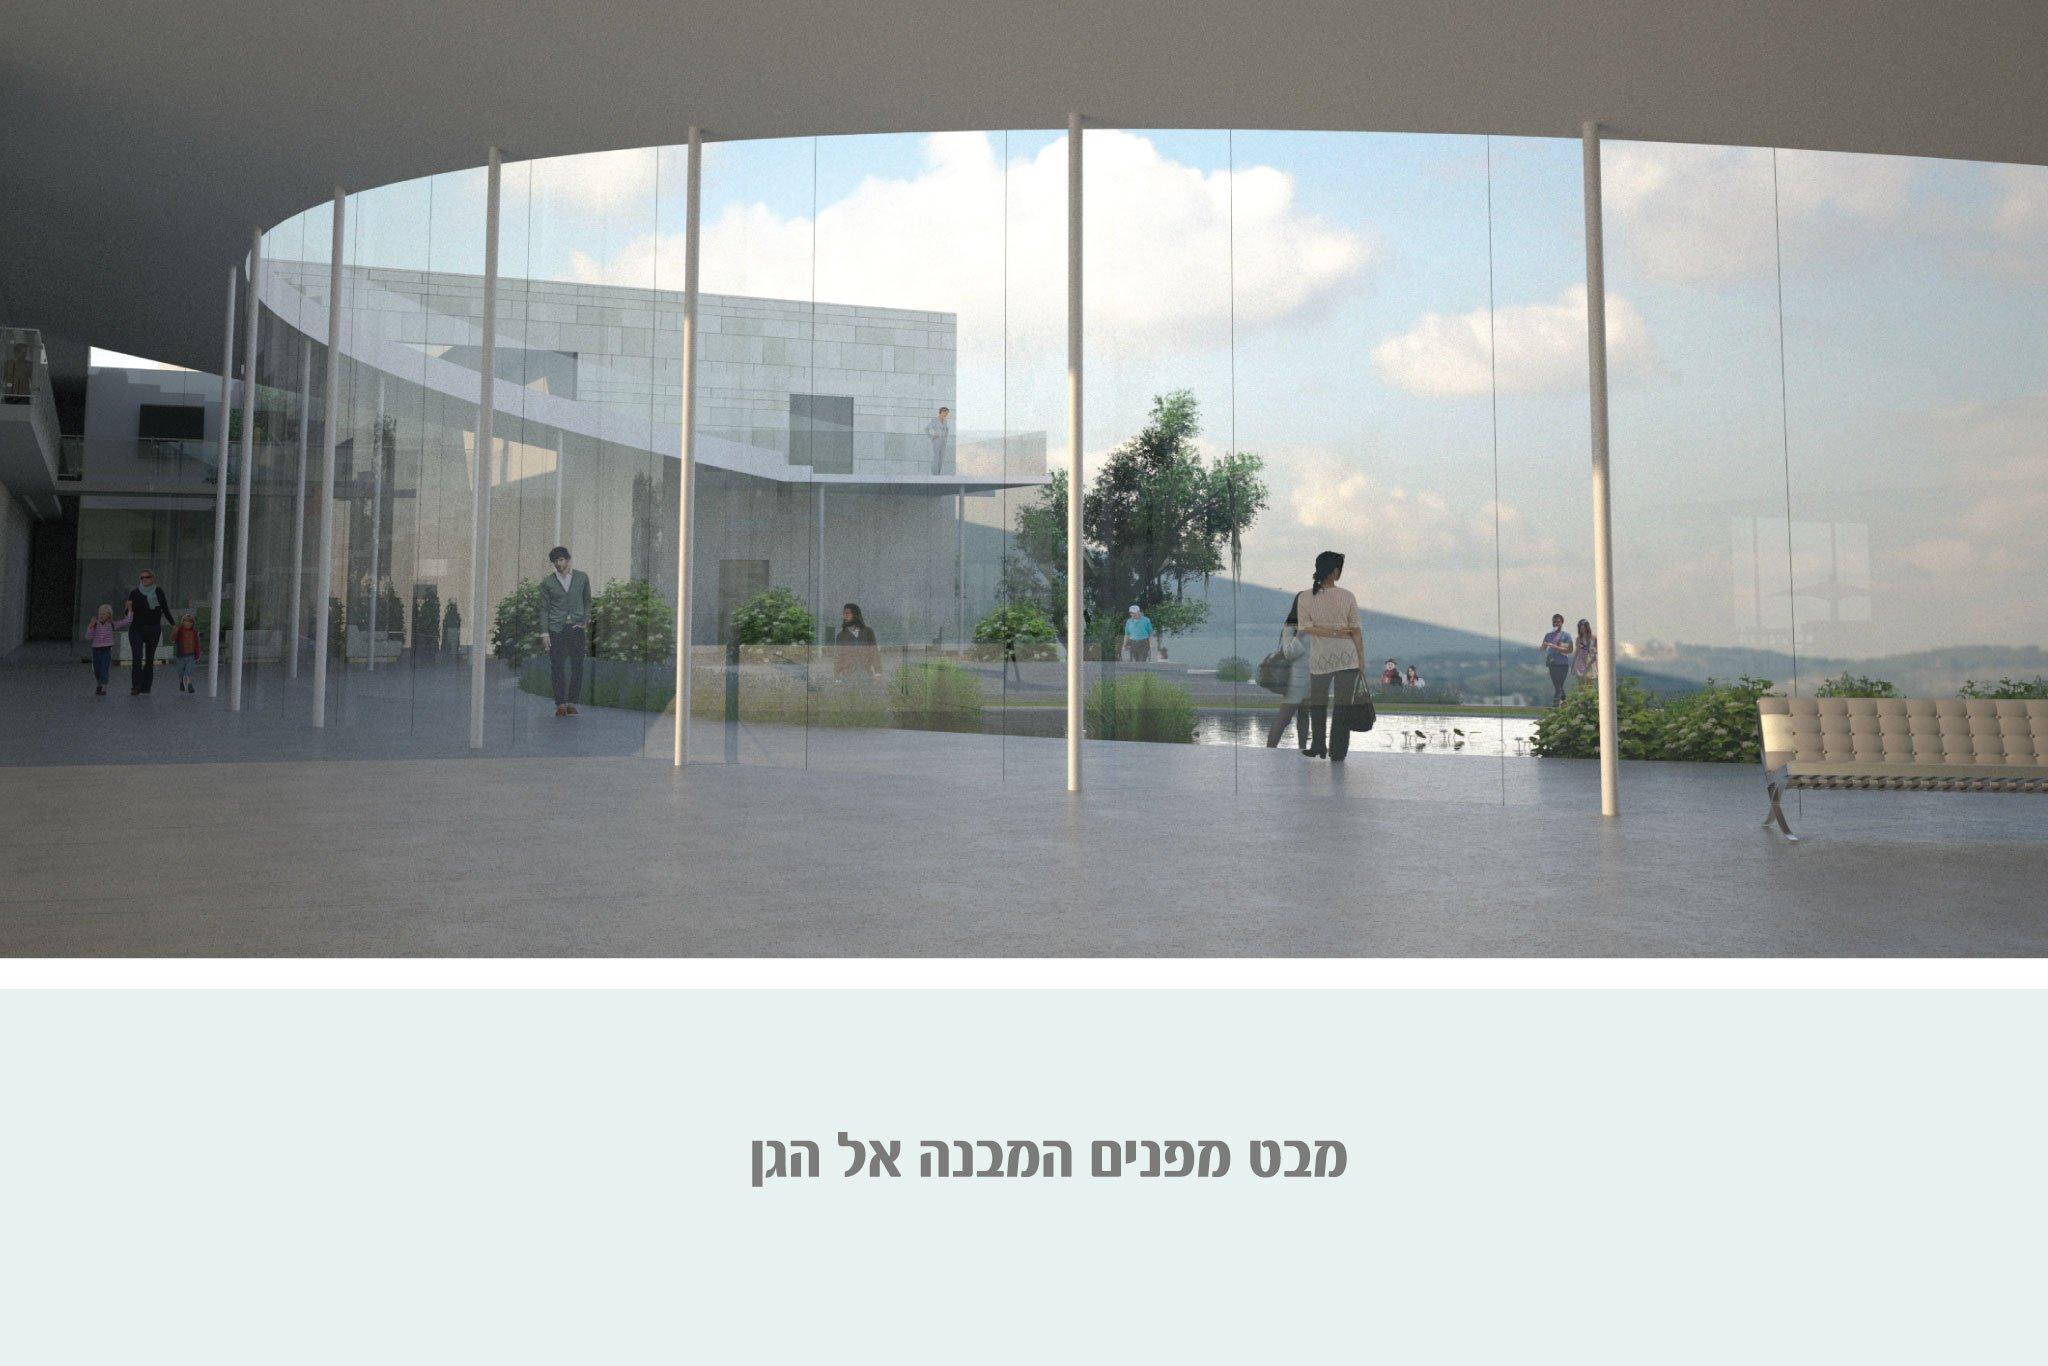 מבט מפנים מבנה הקונסבטוריון לגן